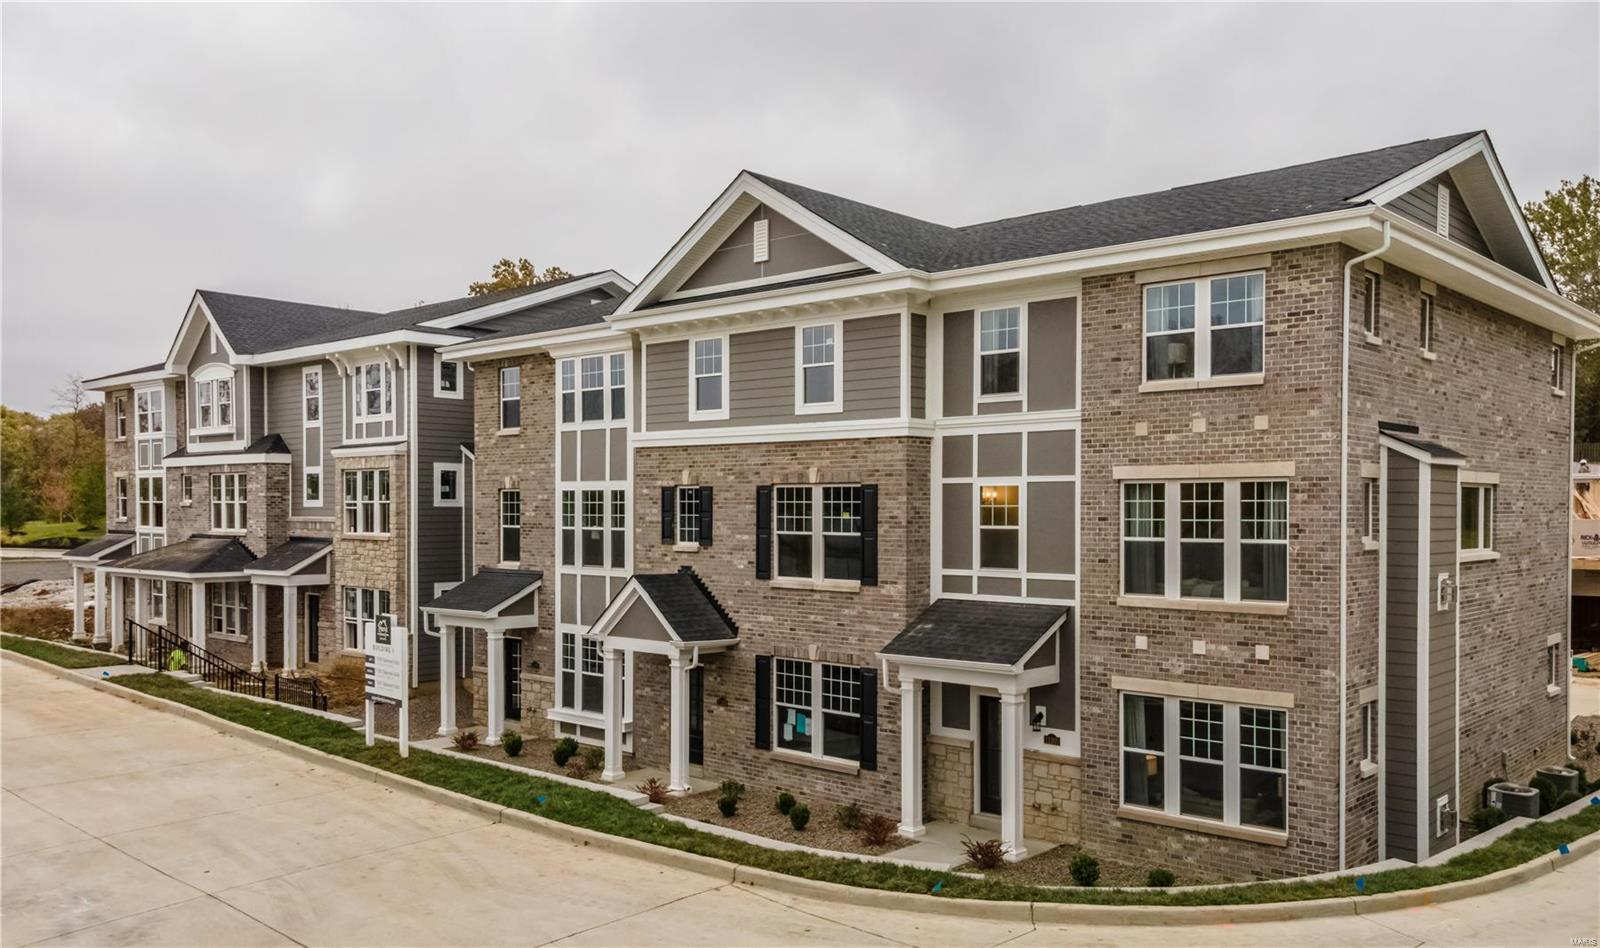 11221 Talamore Circle #6 Property Photo - Frontenac, MO real estate listing